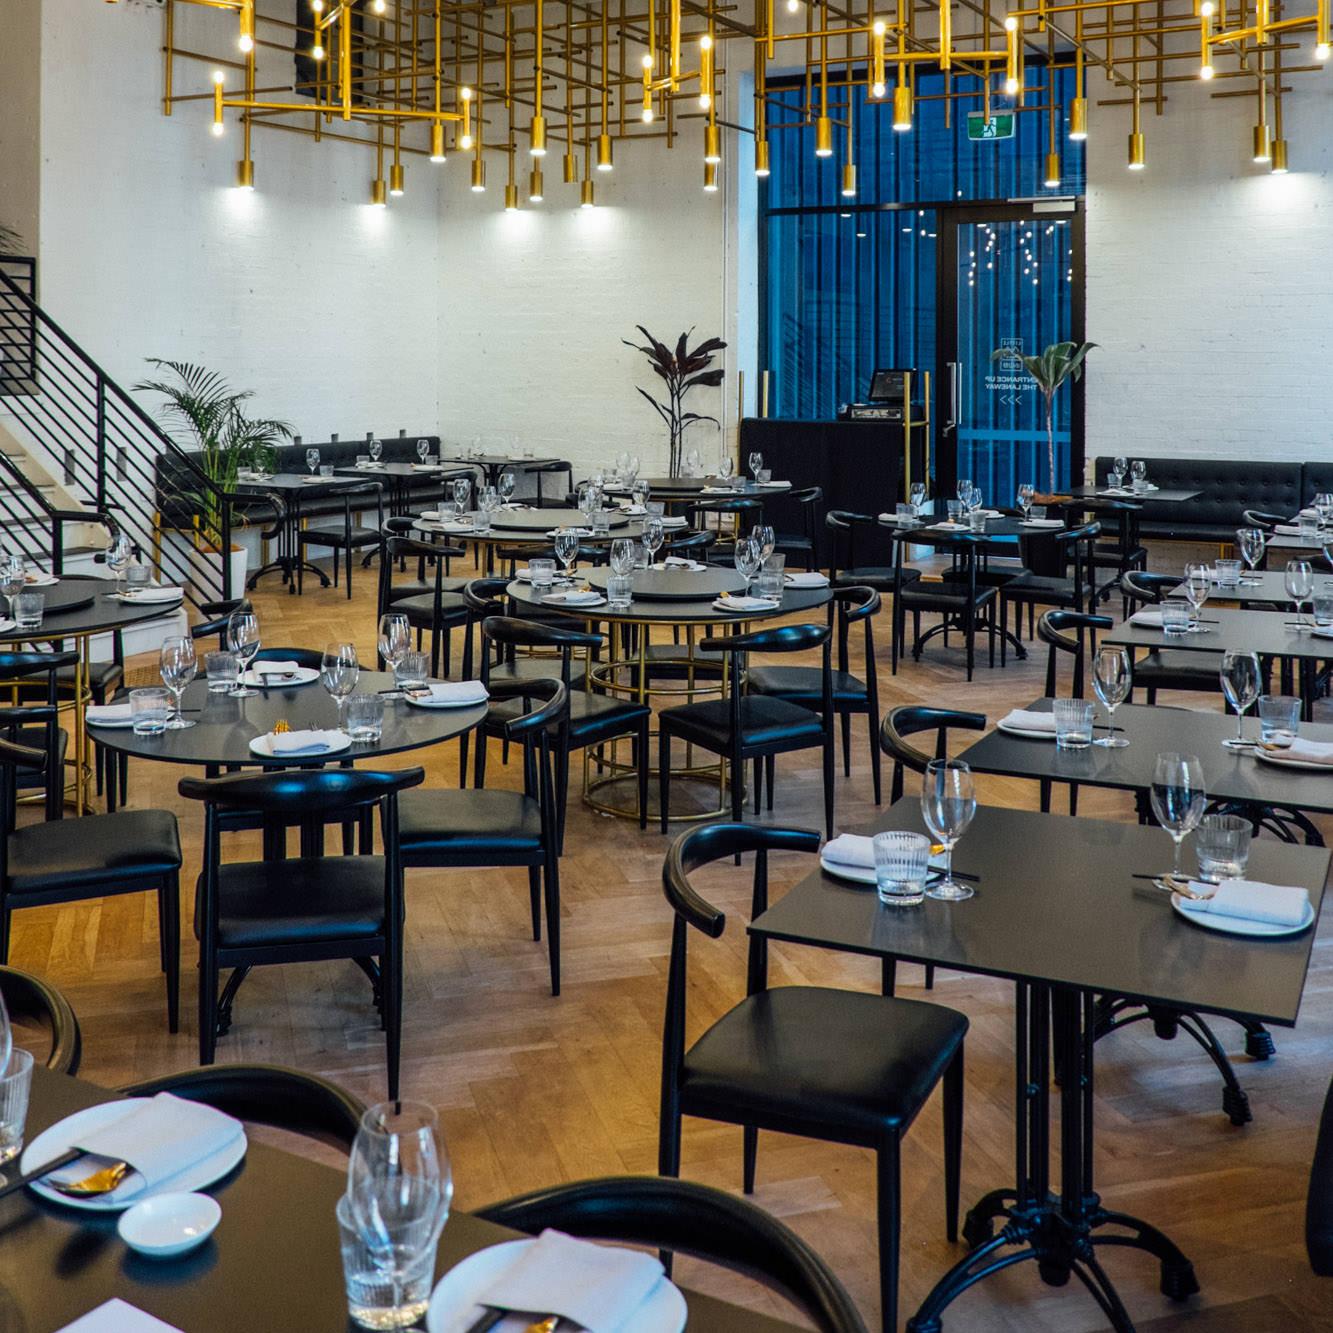 DINING HALL / 餐厅 - Vast. Sleek.